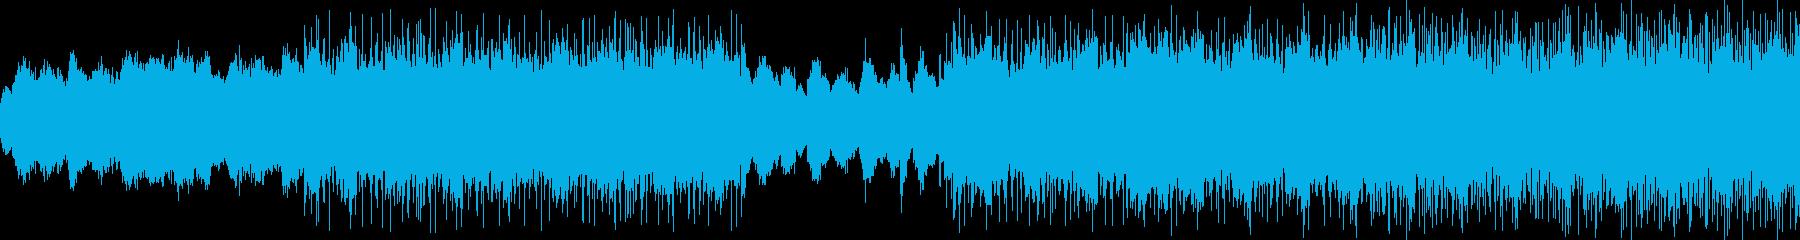 サイバーなBGMの再生済みの波形